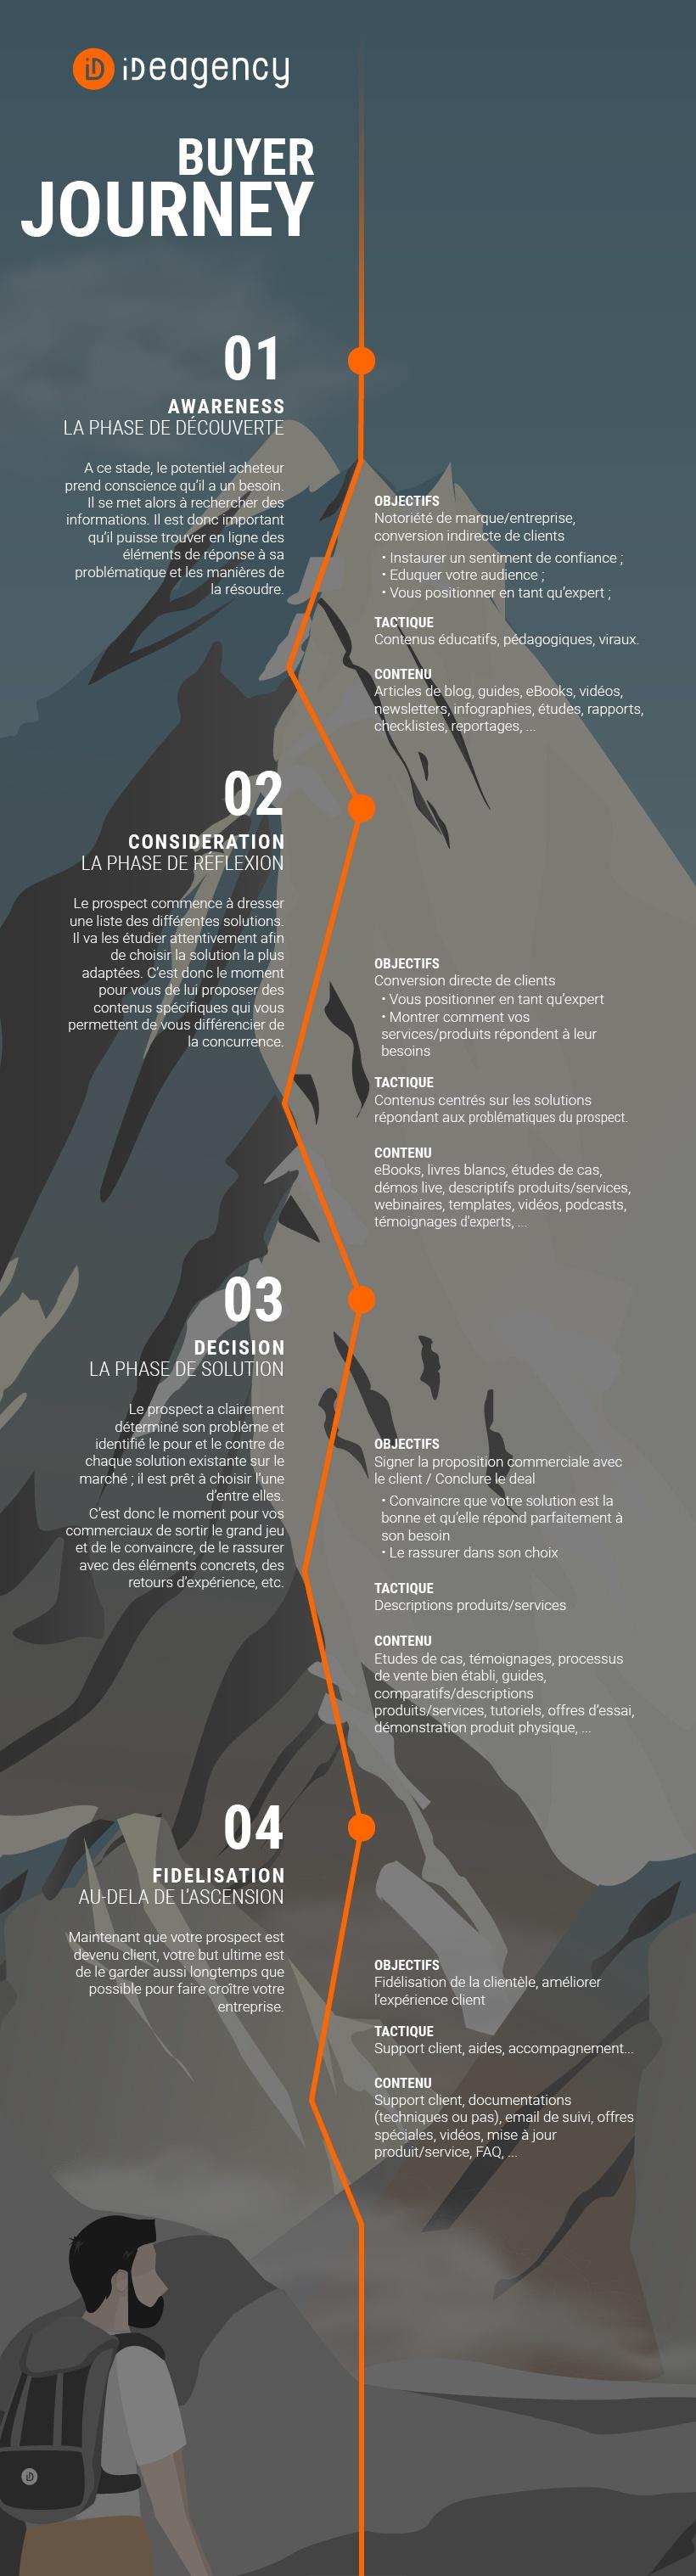 Buyer Journey, les 4 grandes étapes du processus d'achat : découverte, considération, décision et fidélisation.